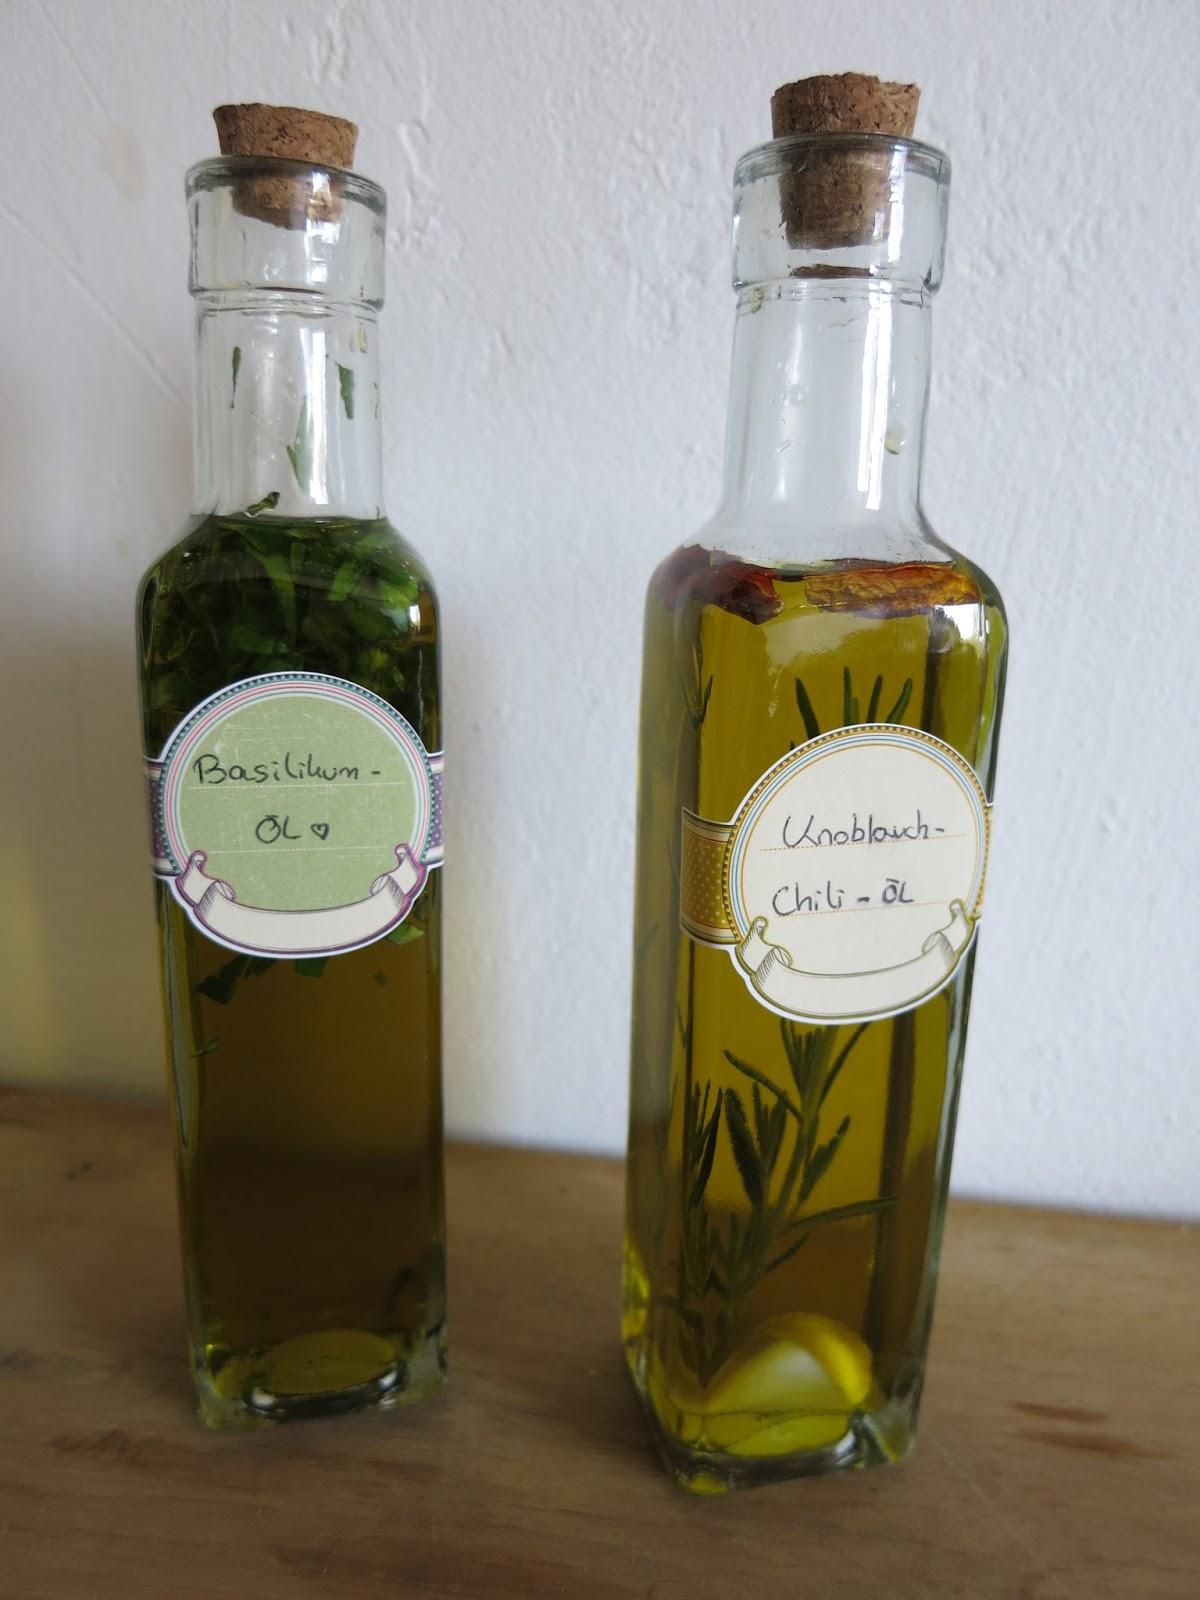 Geschenkideen: Knoblauch-Chili-Öl und Basilikum-Öl